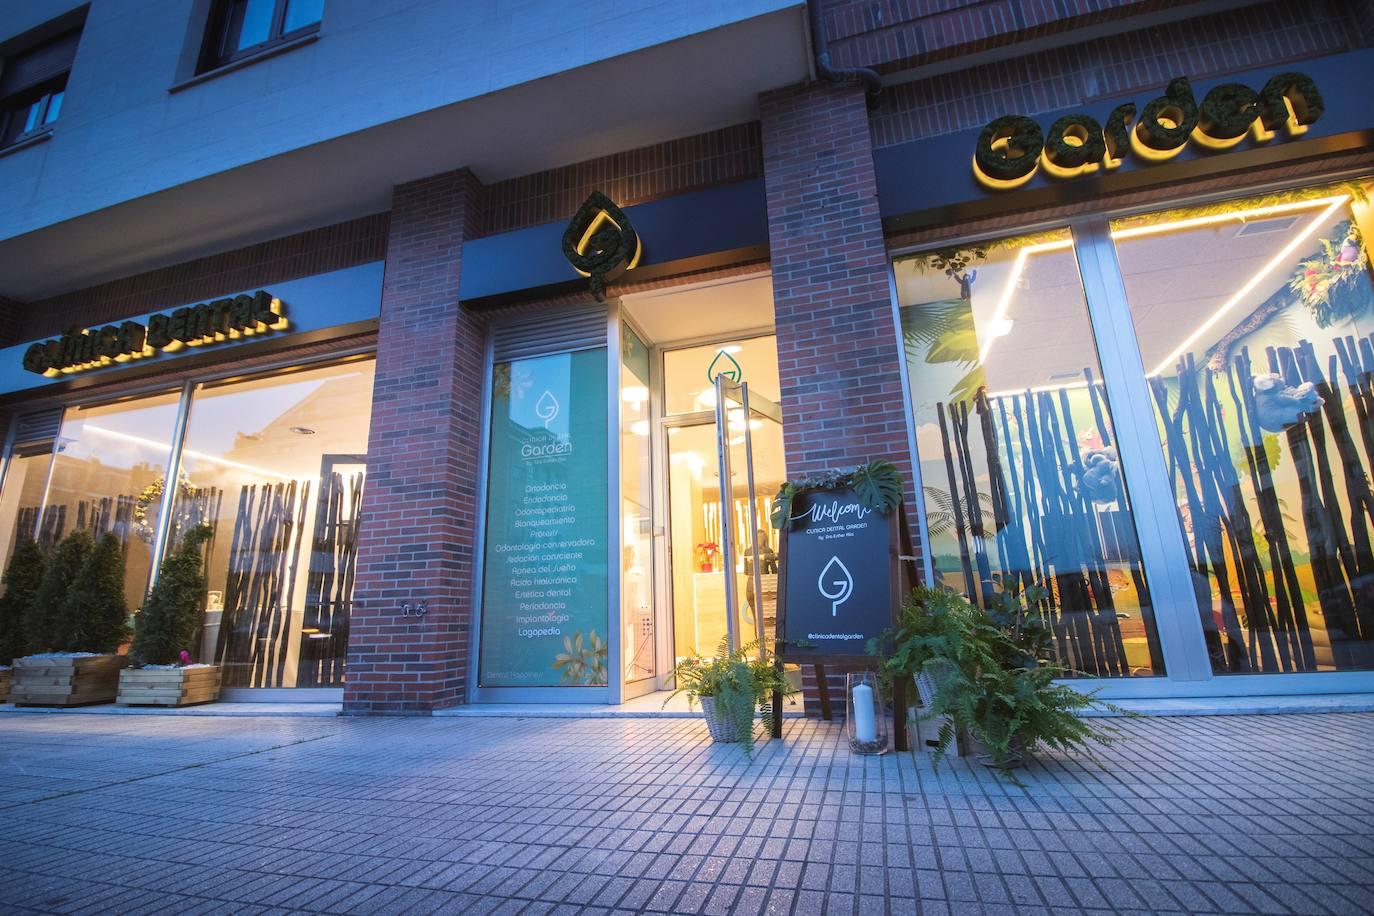 La Clínica Dental Garden inaugura en Viesques apostando por innovación y sostenibilidad